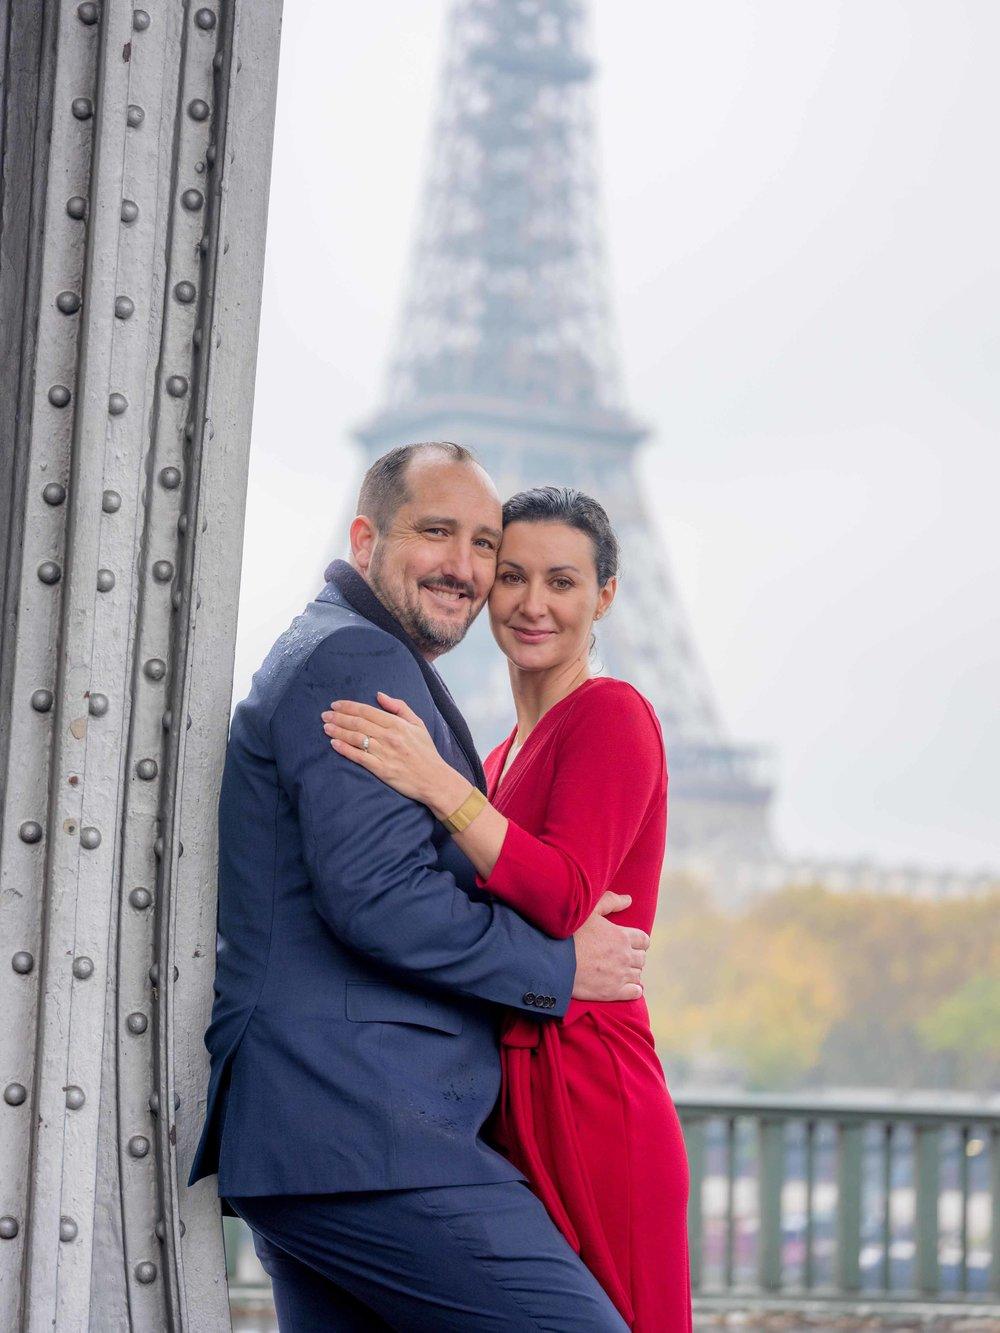 romantic engagement photo shoot at eiffel tower paris